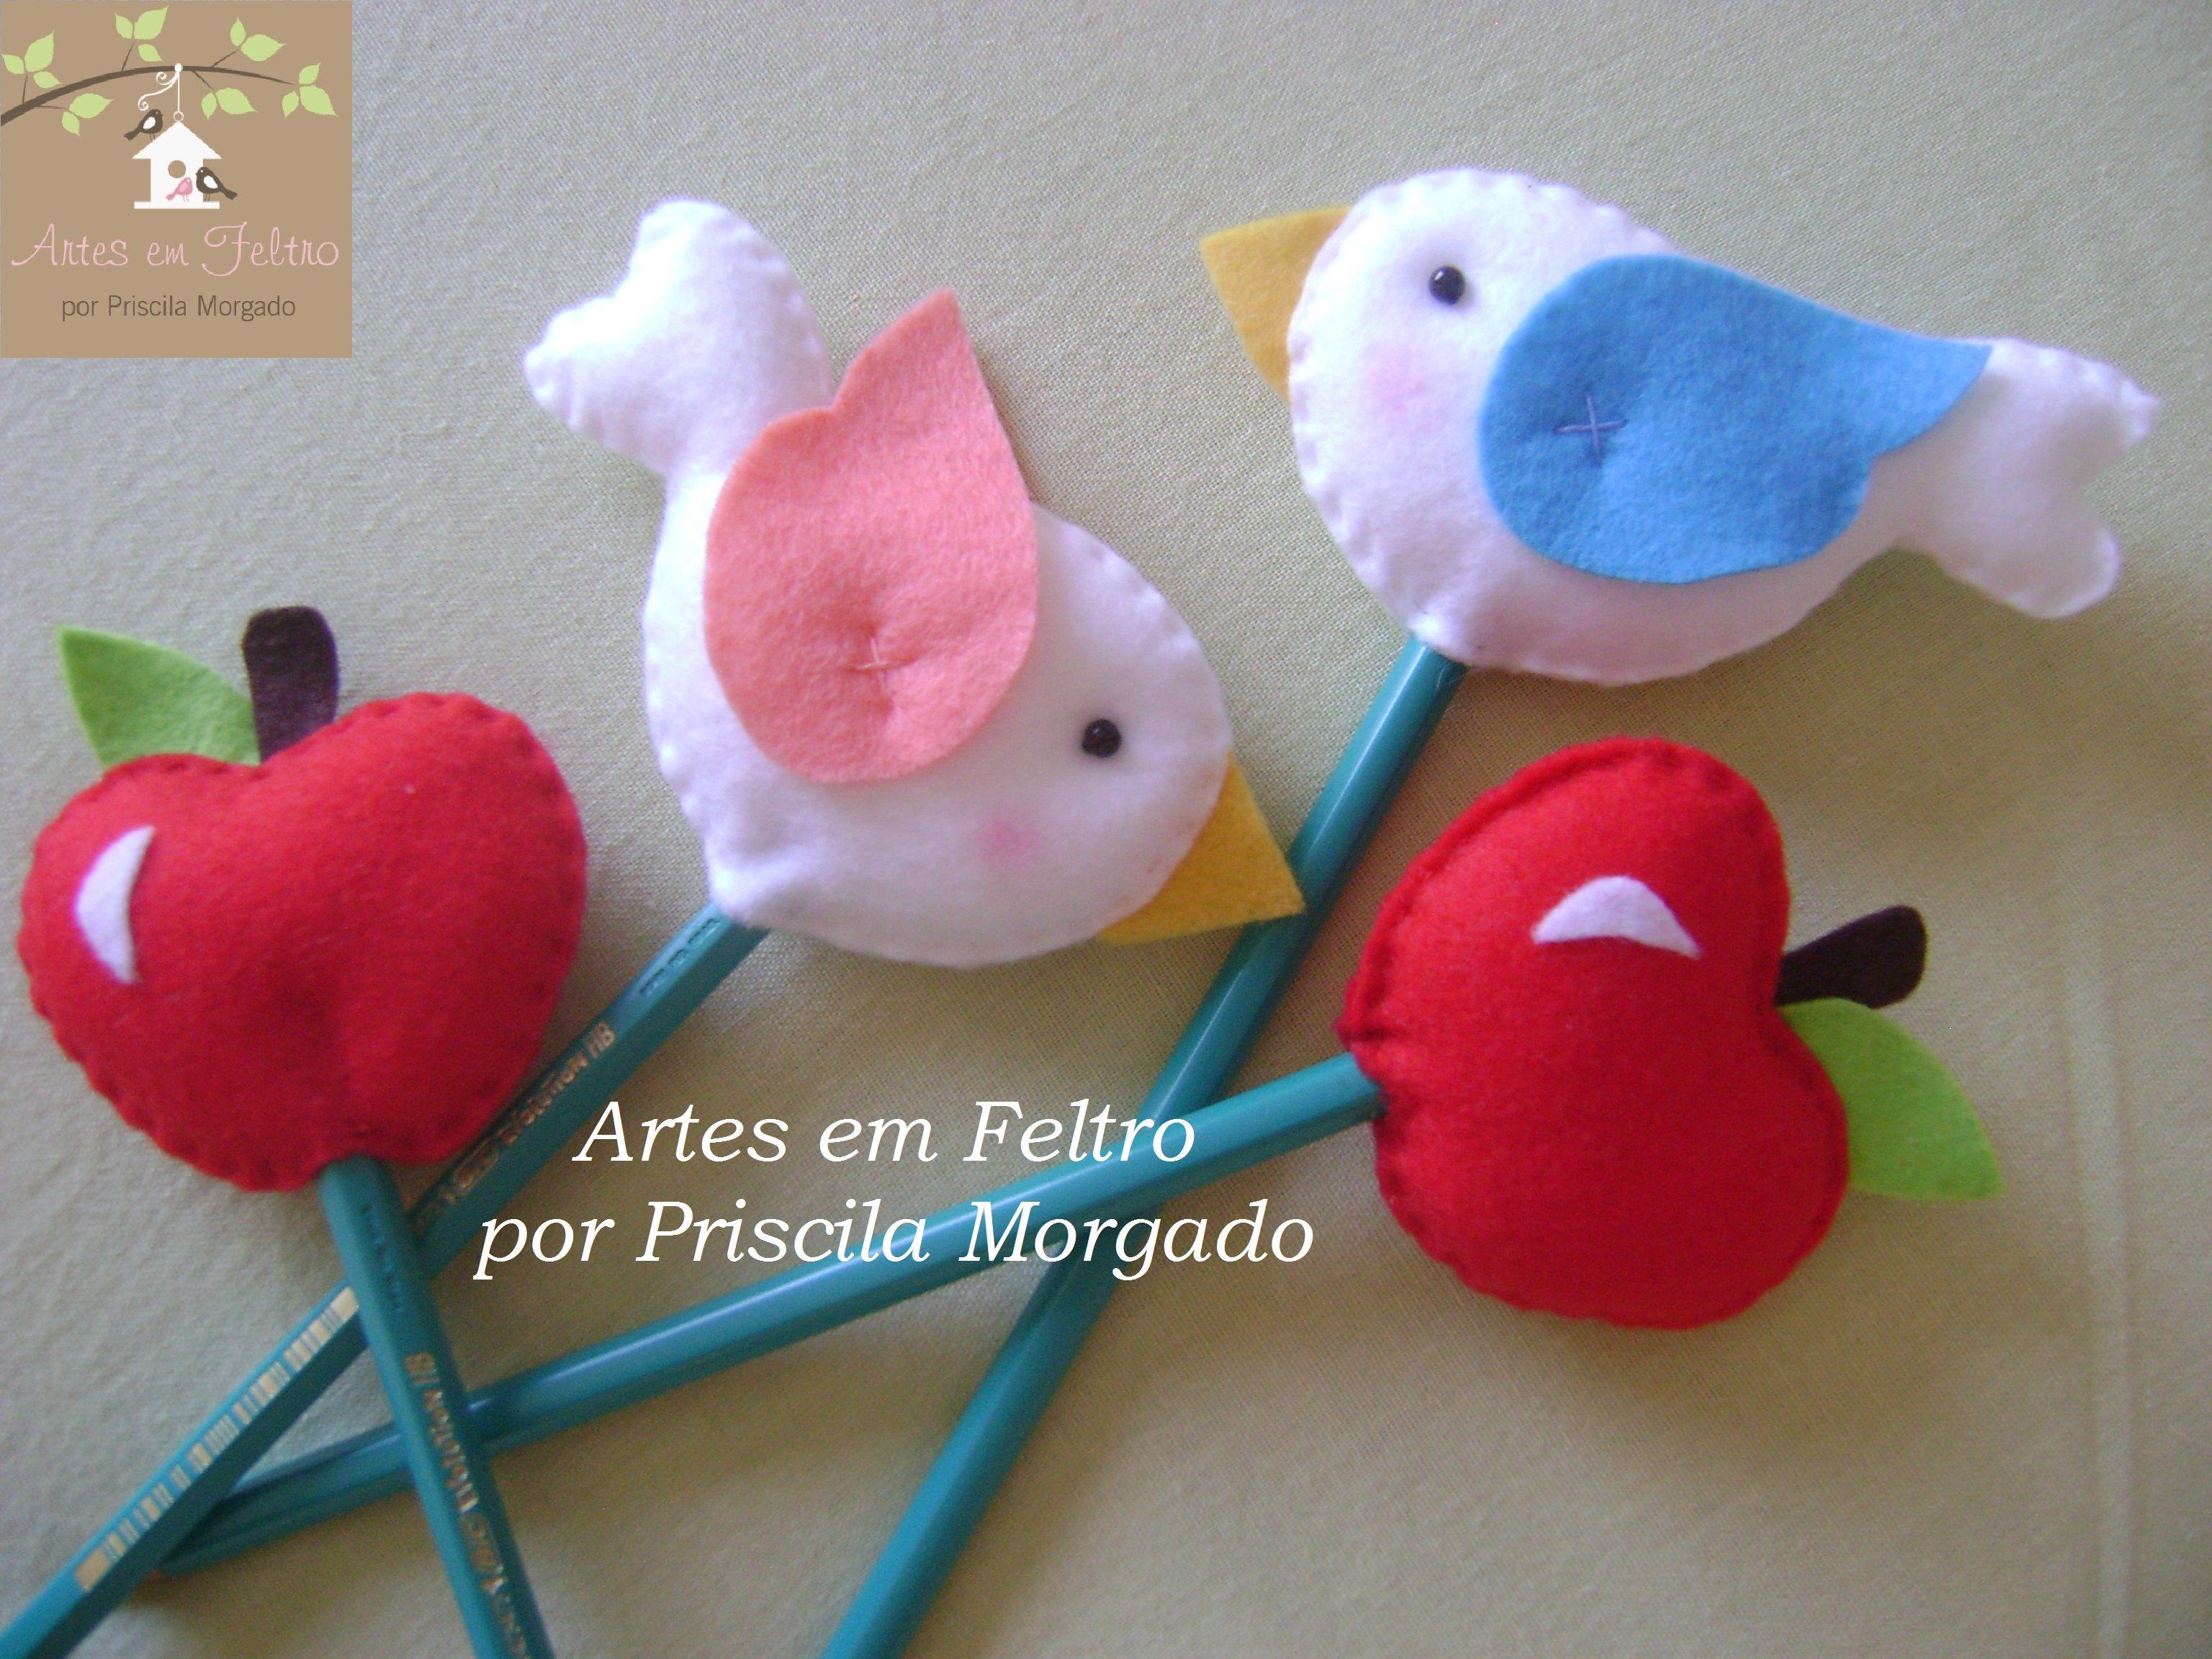 Ponteira lápis Branca de neve (maçã e passarinhos) - Artes em Feltro por Priscila Morgado